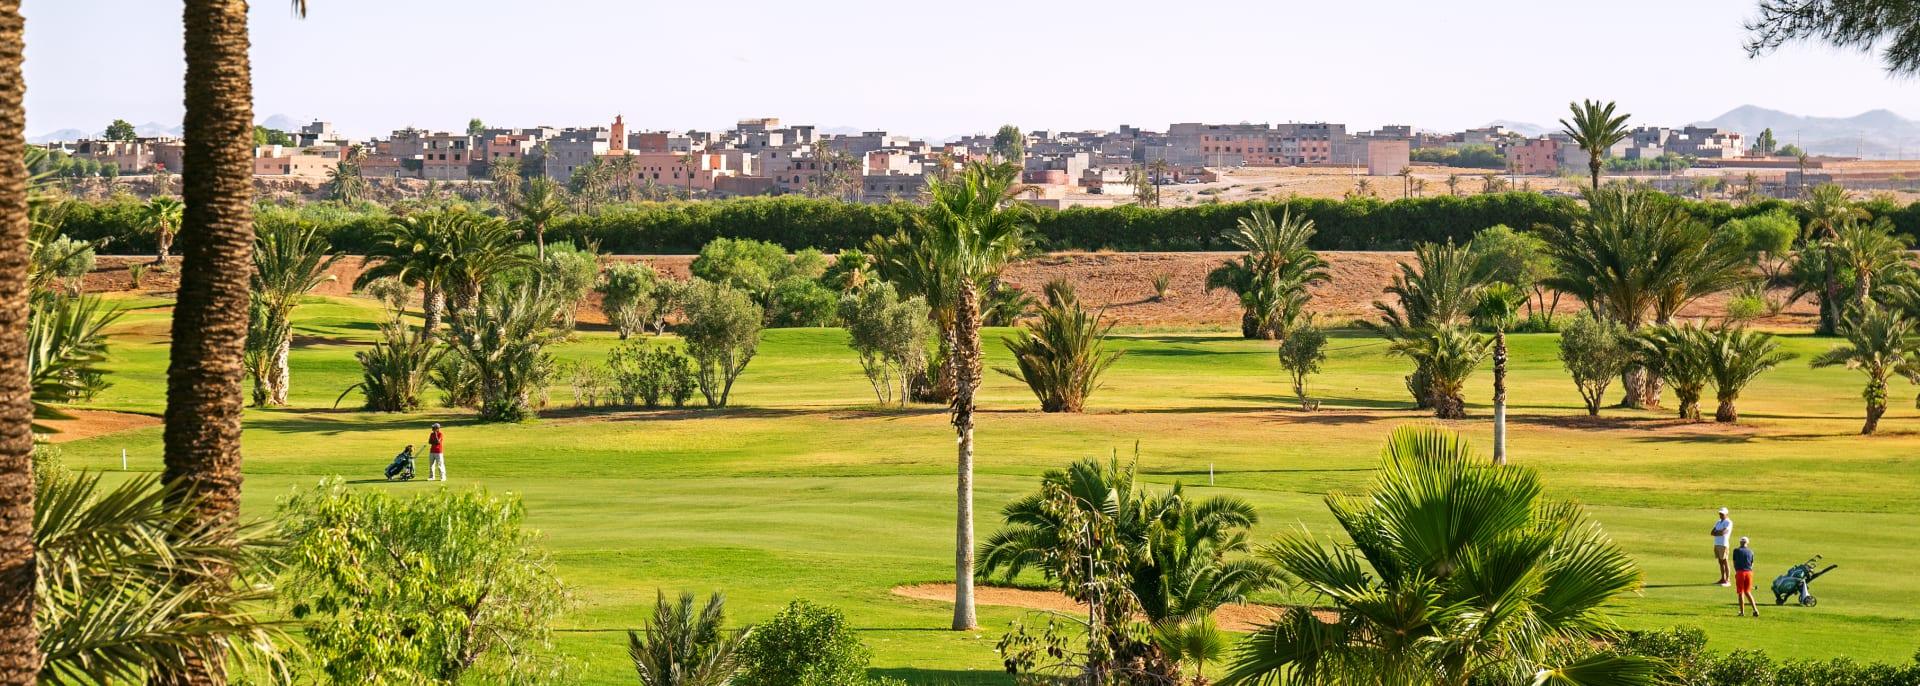 Marokko, Golfreisen, Knecht Reisen